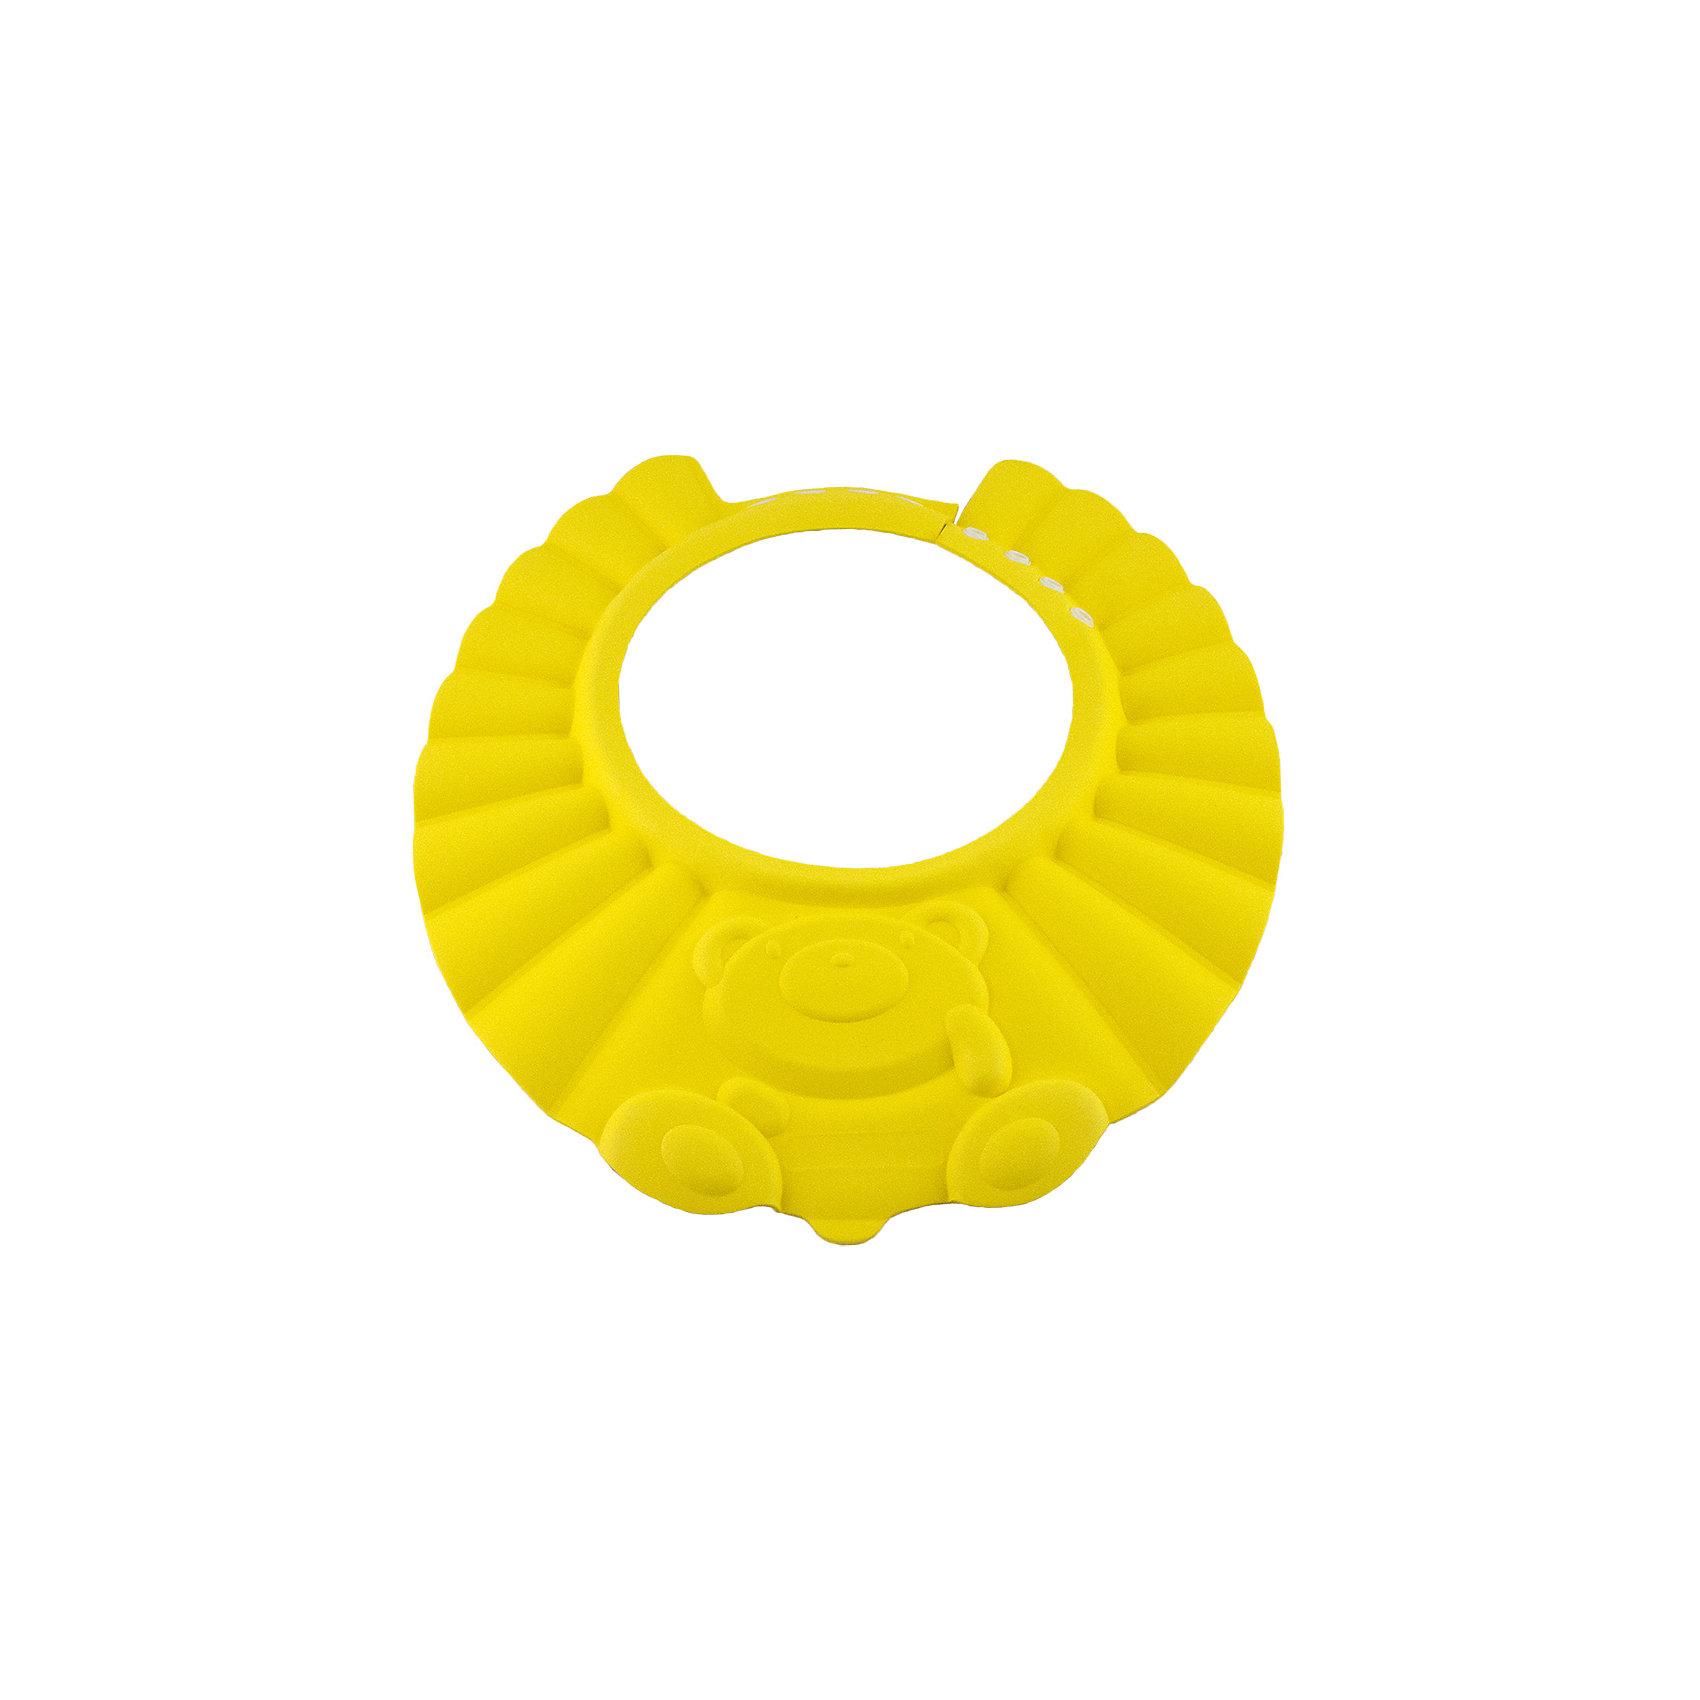 Козырек для душа, BabySwimmer, желтыйМногие малыши боятся купания и воды. причина проста. Им попадает в глазки мыльная вода, которая щиплет слизистую. Козырек для душа станет отличным решением данной проблемы. Конструкция прочно держится на голове, не сдавливая кожу и не доставляя дискомфорт. Глаза и уши ребенка будут всегда защищены от раздражающих жидкостей. Козырек можно использовать для детских парикмахерских услуг. Все материалы, использованные при разработке и изготовлении складной ванночки безопасны для использования, отвечают всем требованиям экологичности и качества детских товаров, а так же гипоаллергенны.<br><br>Дополнительная информация:<br><br>цвет: желтый.<br><br>Козырек для душа Baby Swimmer можно приобрести в нашем магазине.<br><br>Ширина мм: 310<br>Глубина мм: 25<br>Высота мм: 365<br>Вес г: 40<br>Возраст от месяцев: 0<br>Возраст до месяцев: 36<br>Пол: Унисекс<br>Возраст: Детский<br>SKU: 4968123